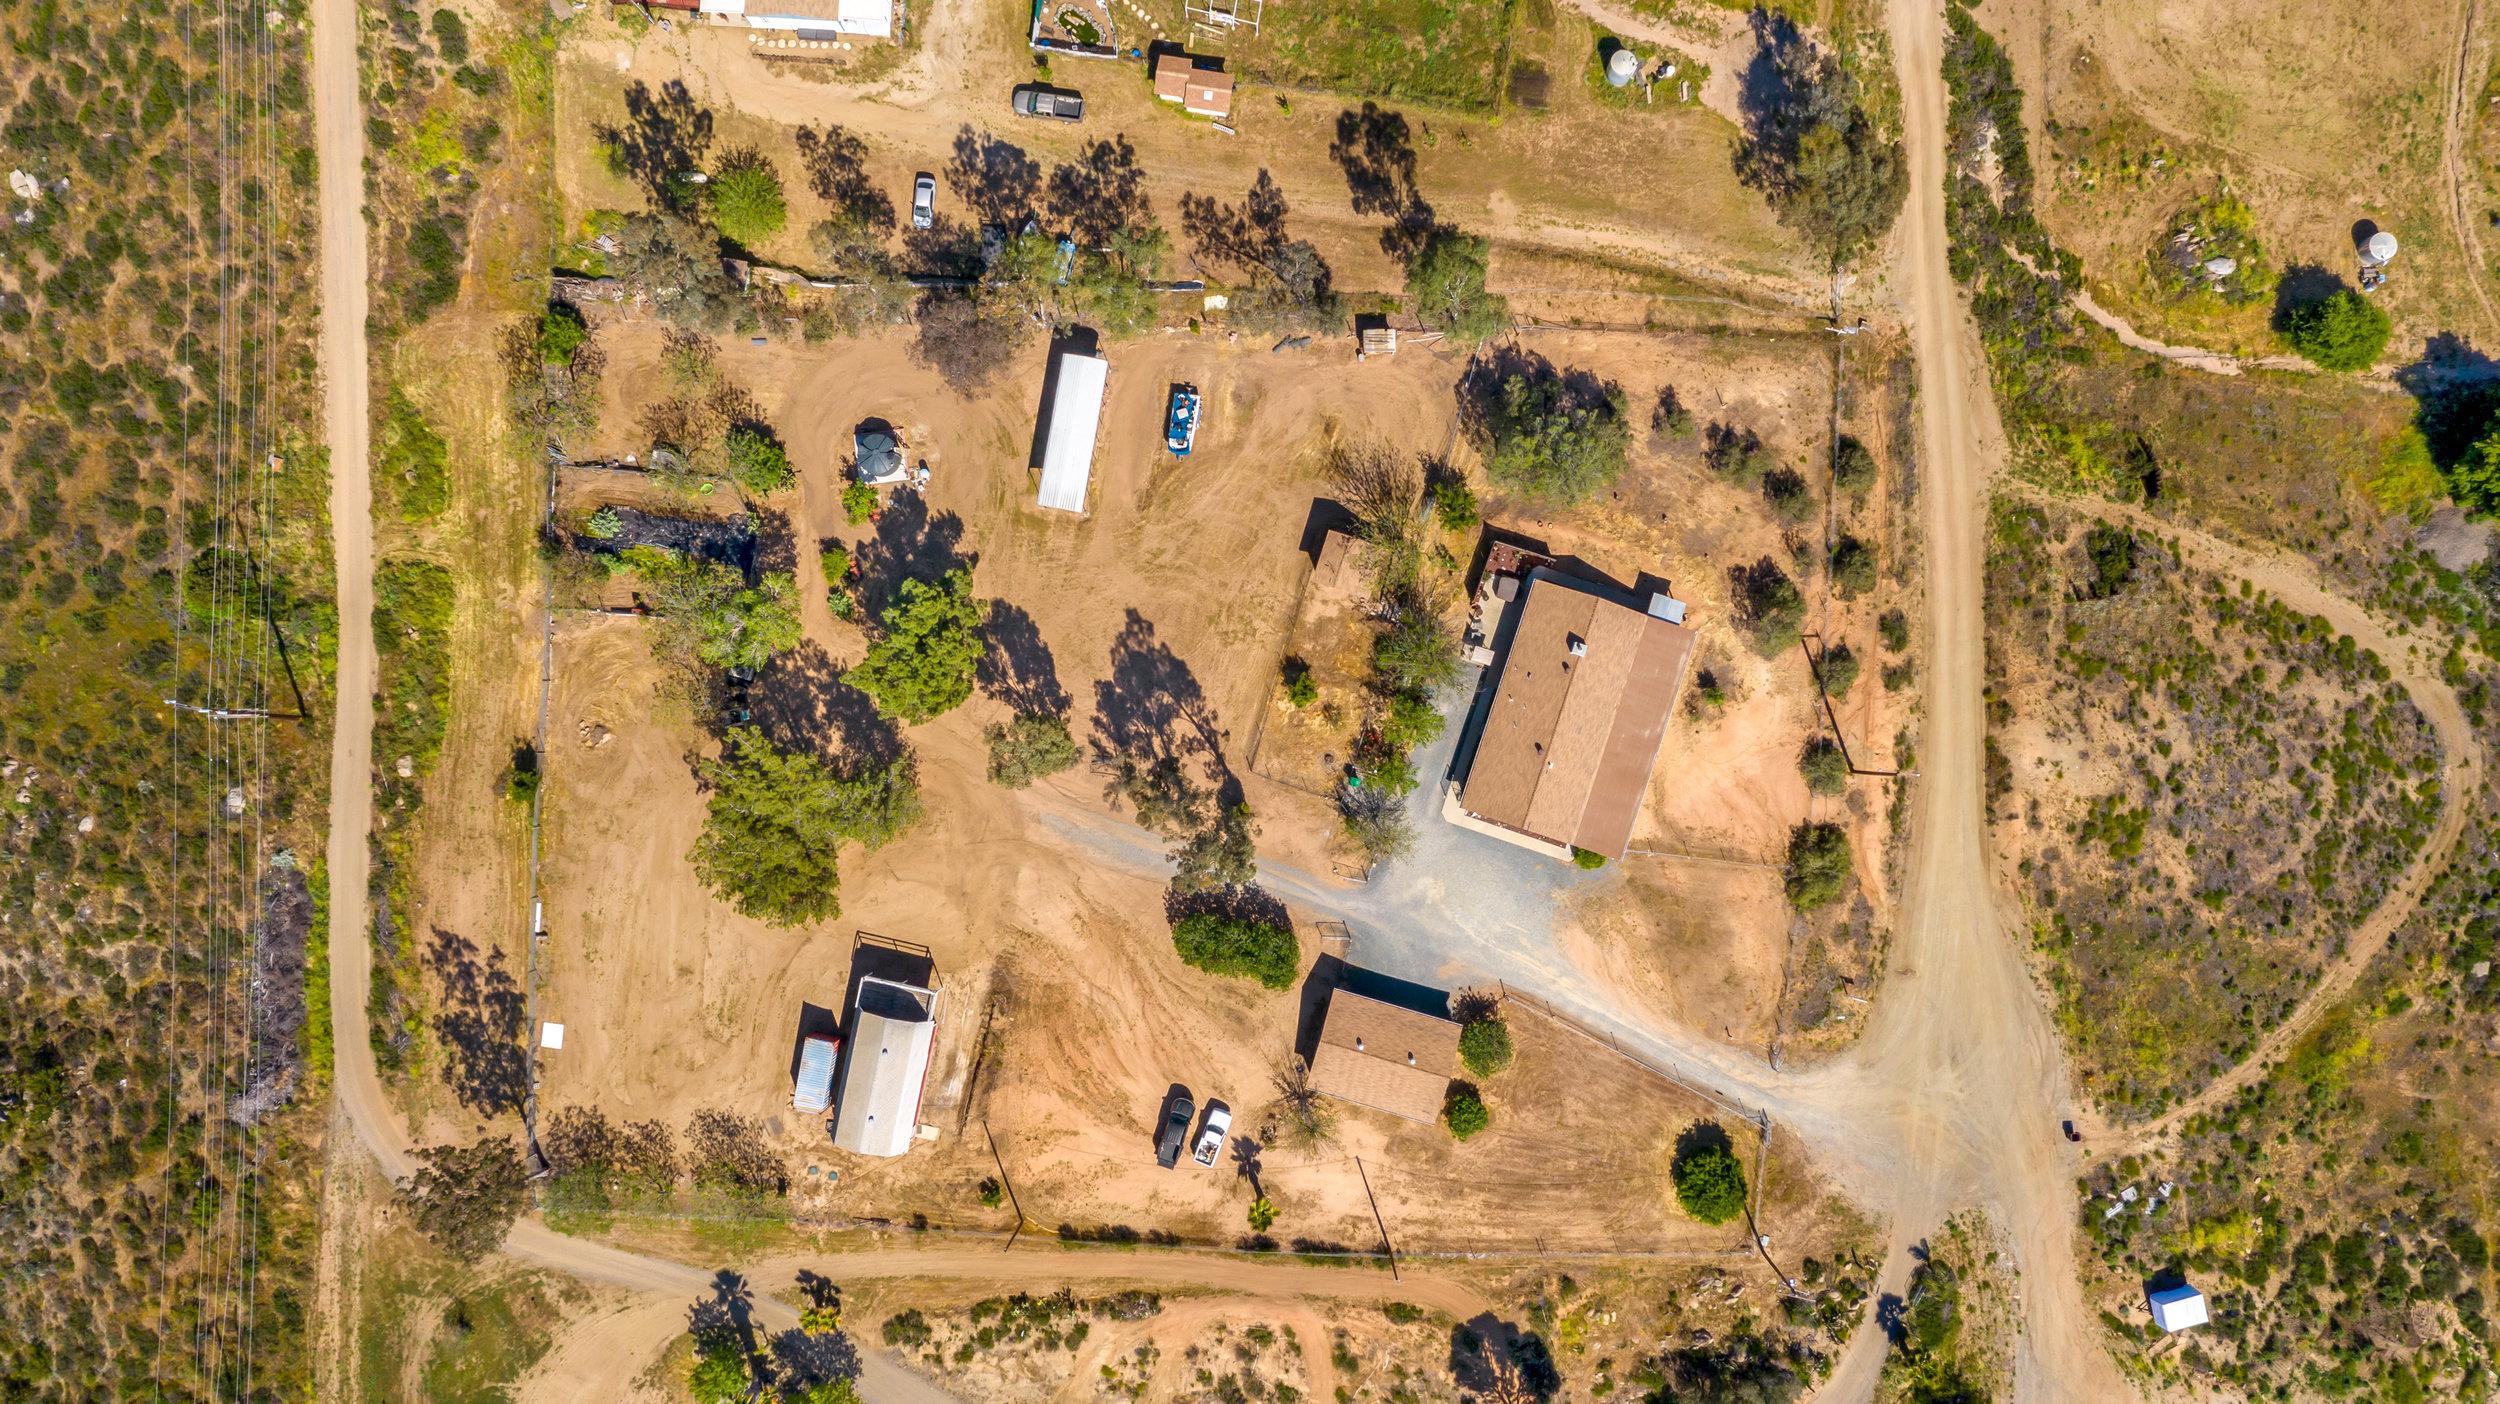 031_Aerial Top View.jpg